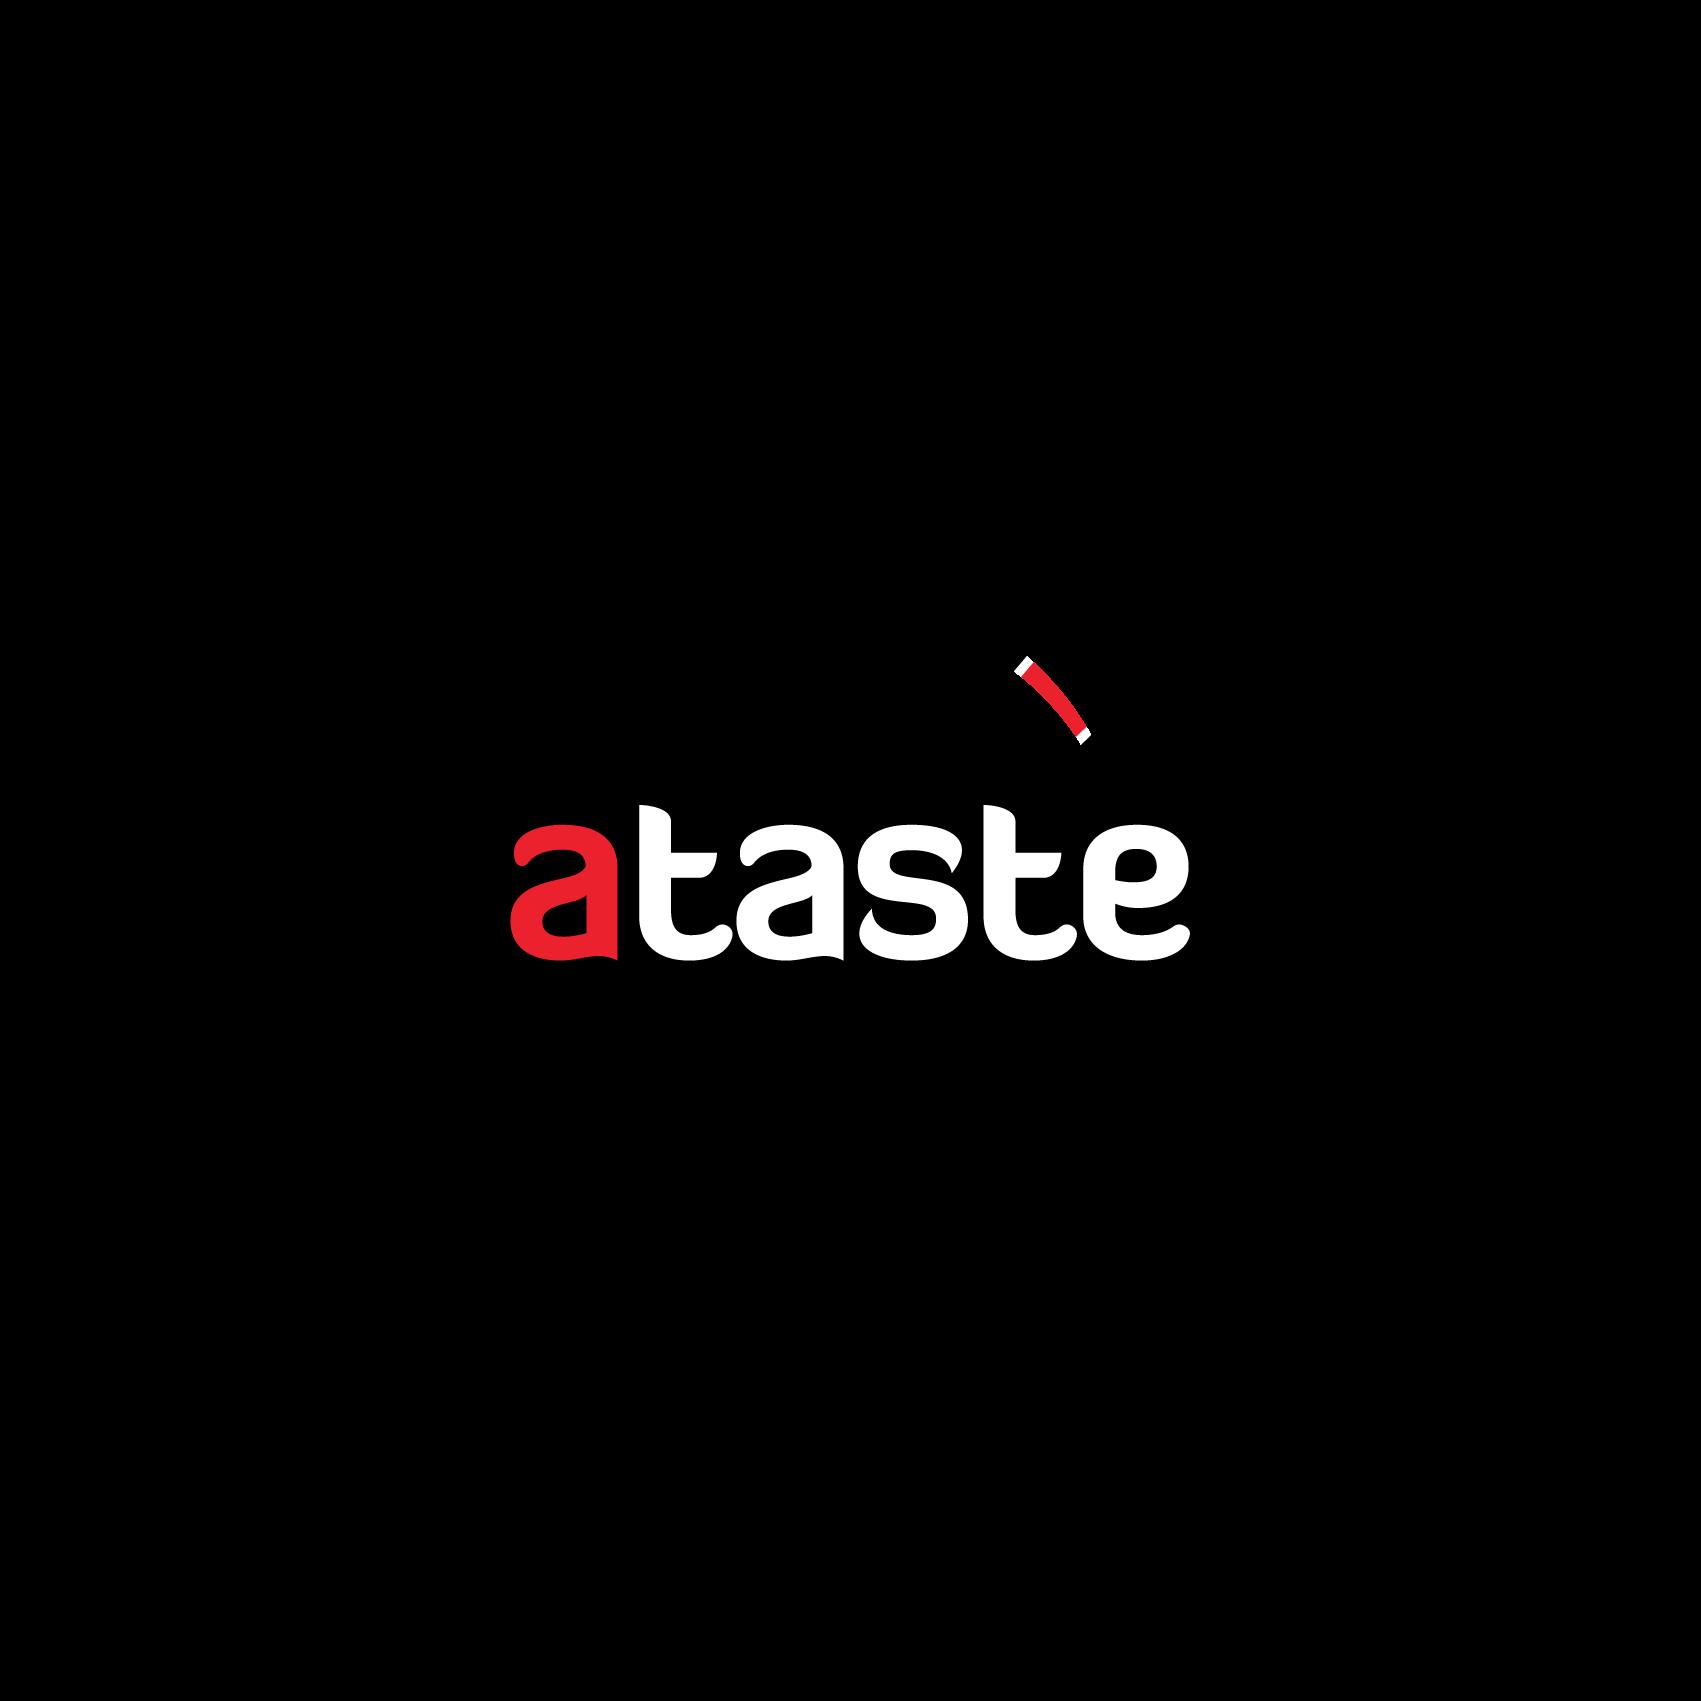 AtasteLogo-copie.png